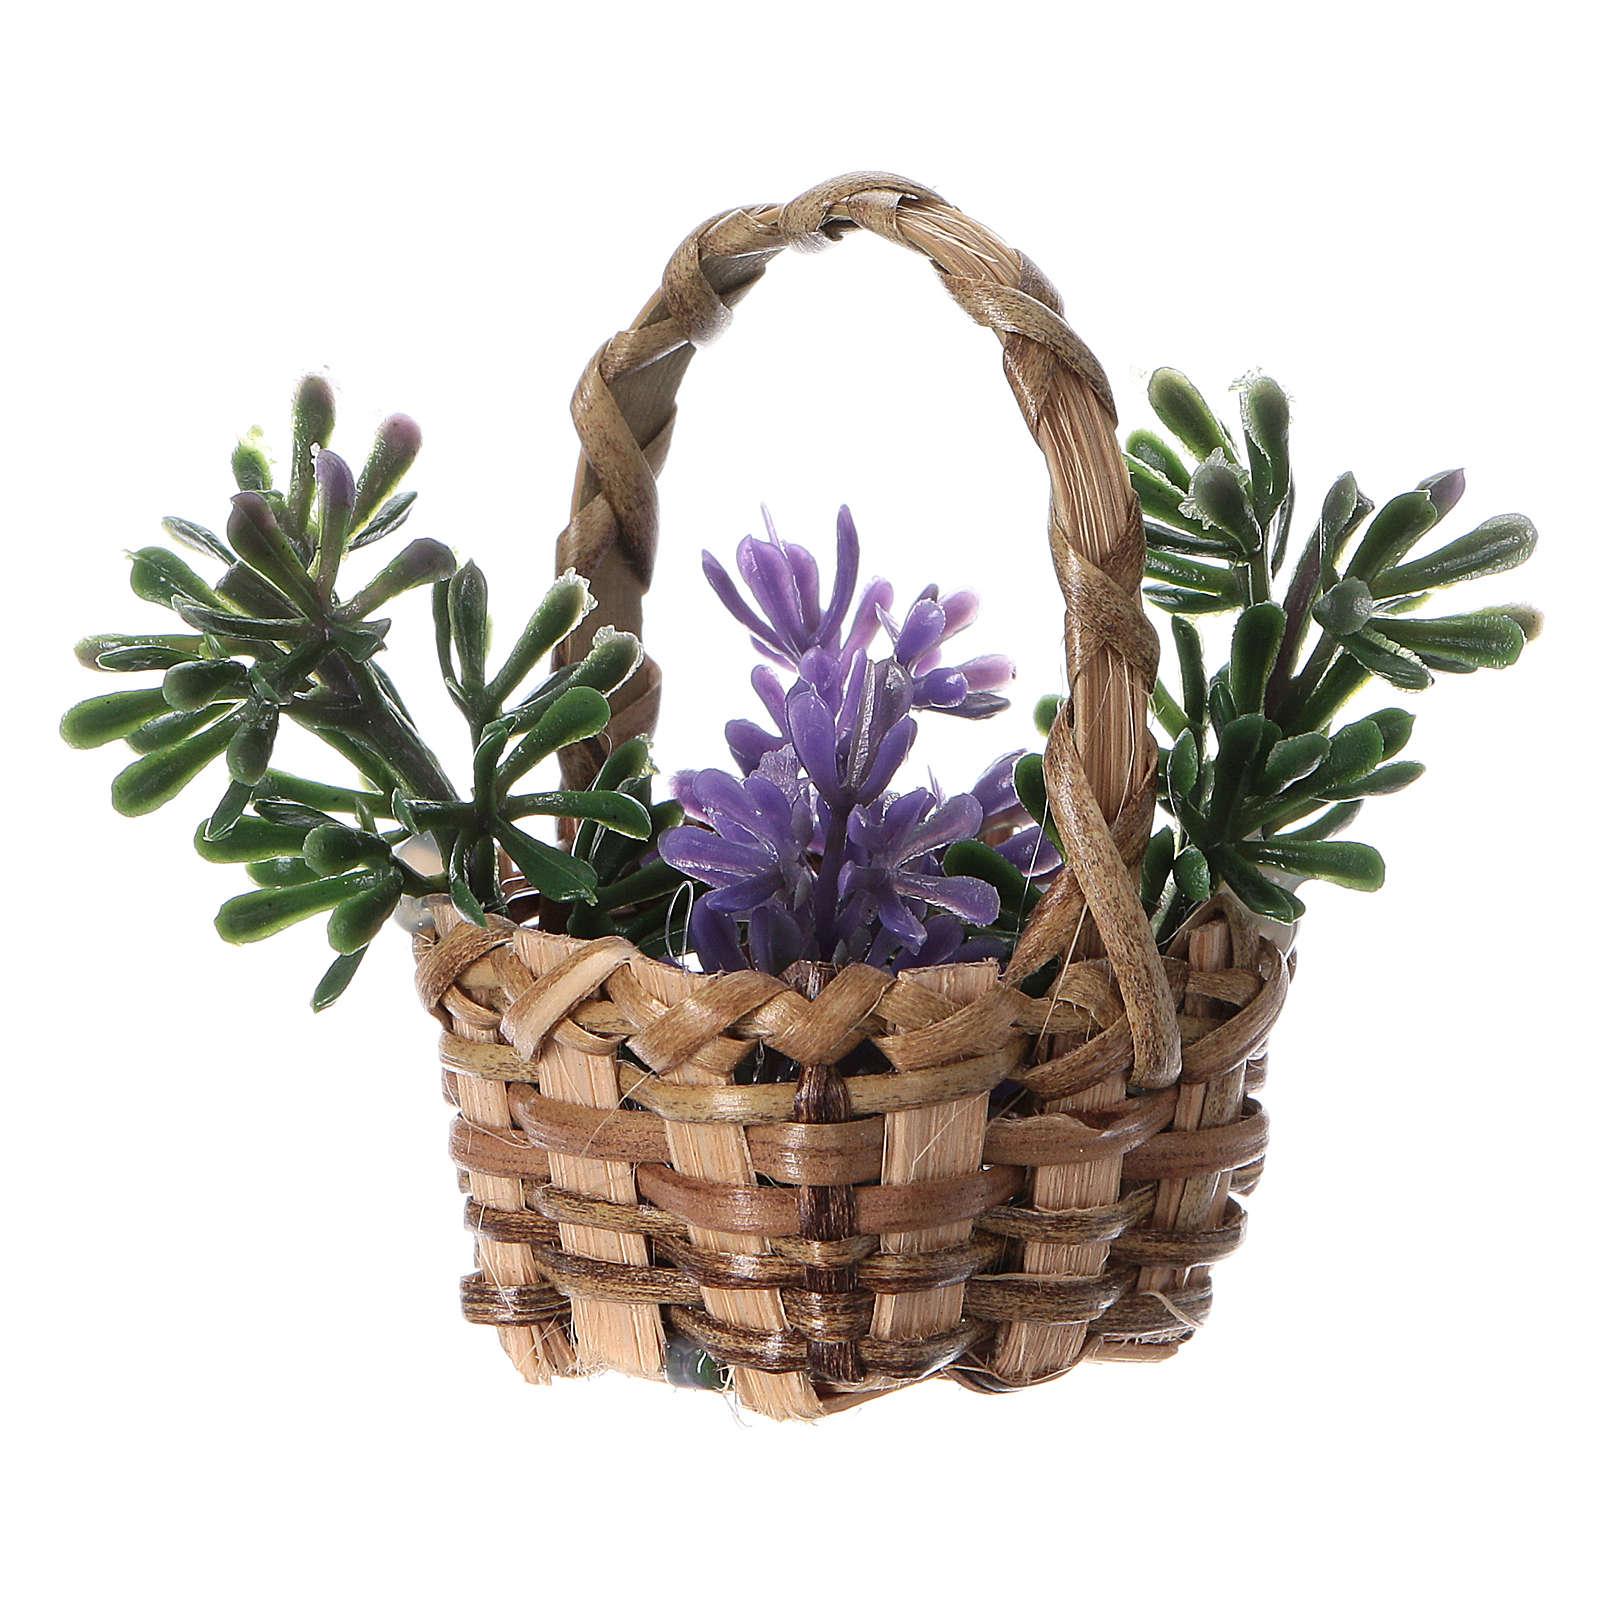 Lavender basket for DIY nativity, real h 5 cm 4